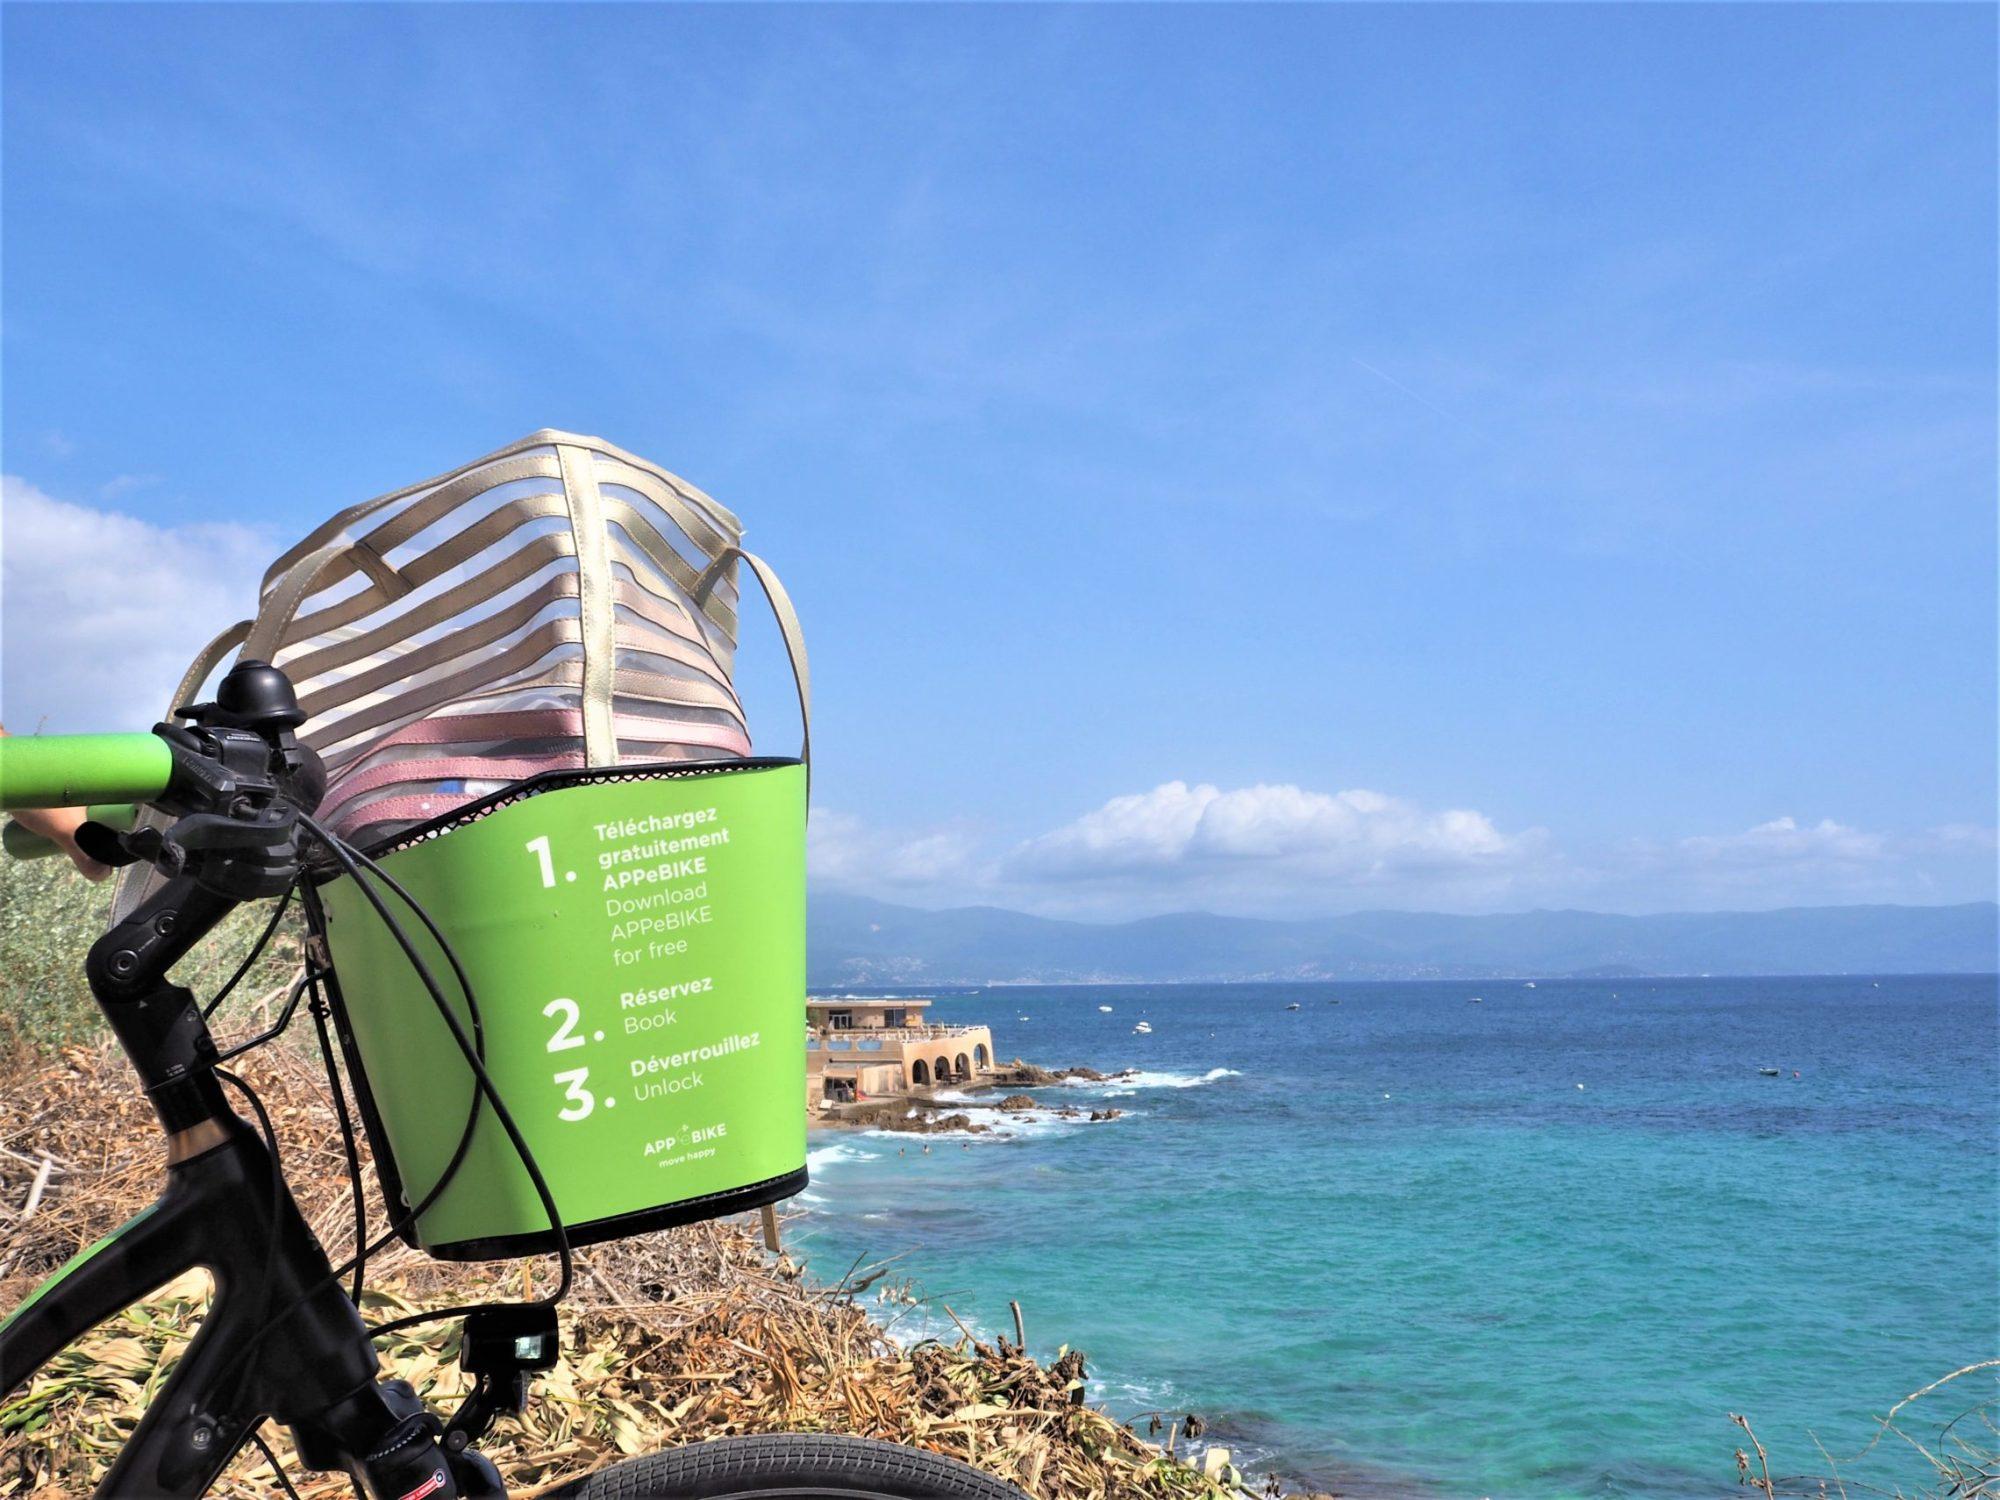 Vélo électrique AppeBike, Panier, Ajaccio Corse France